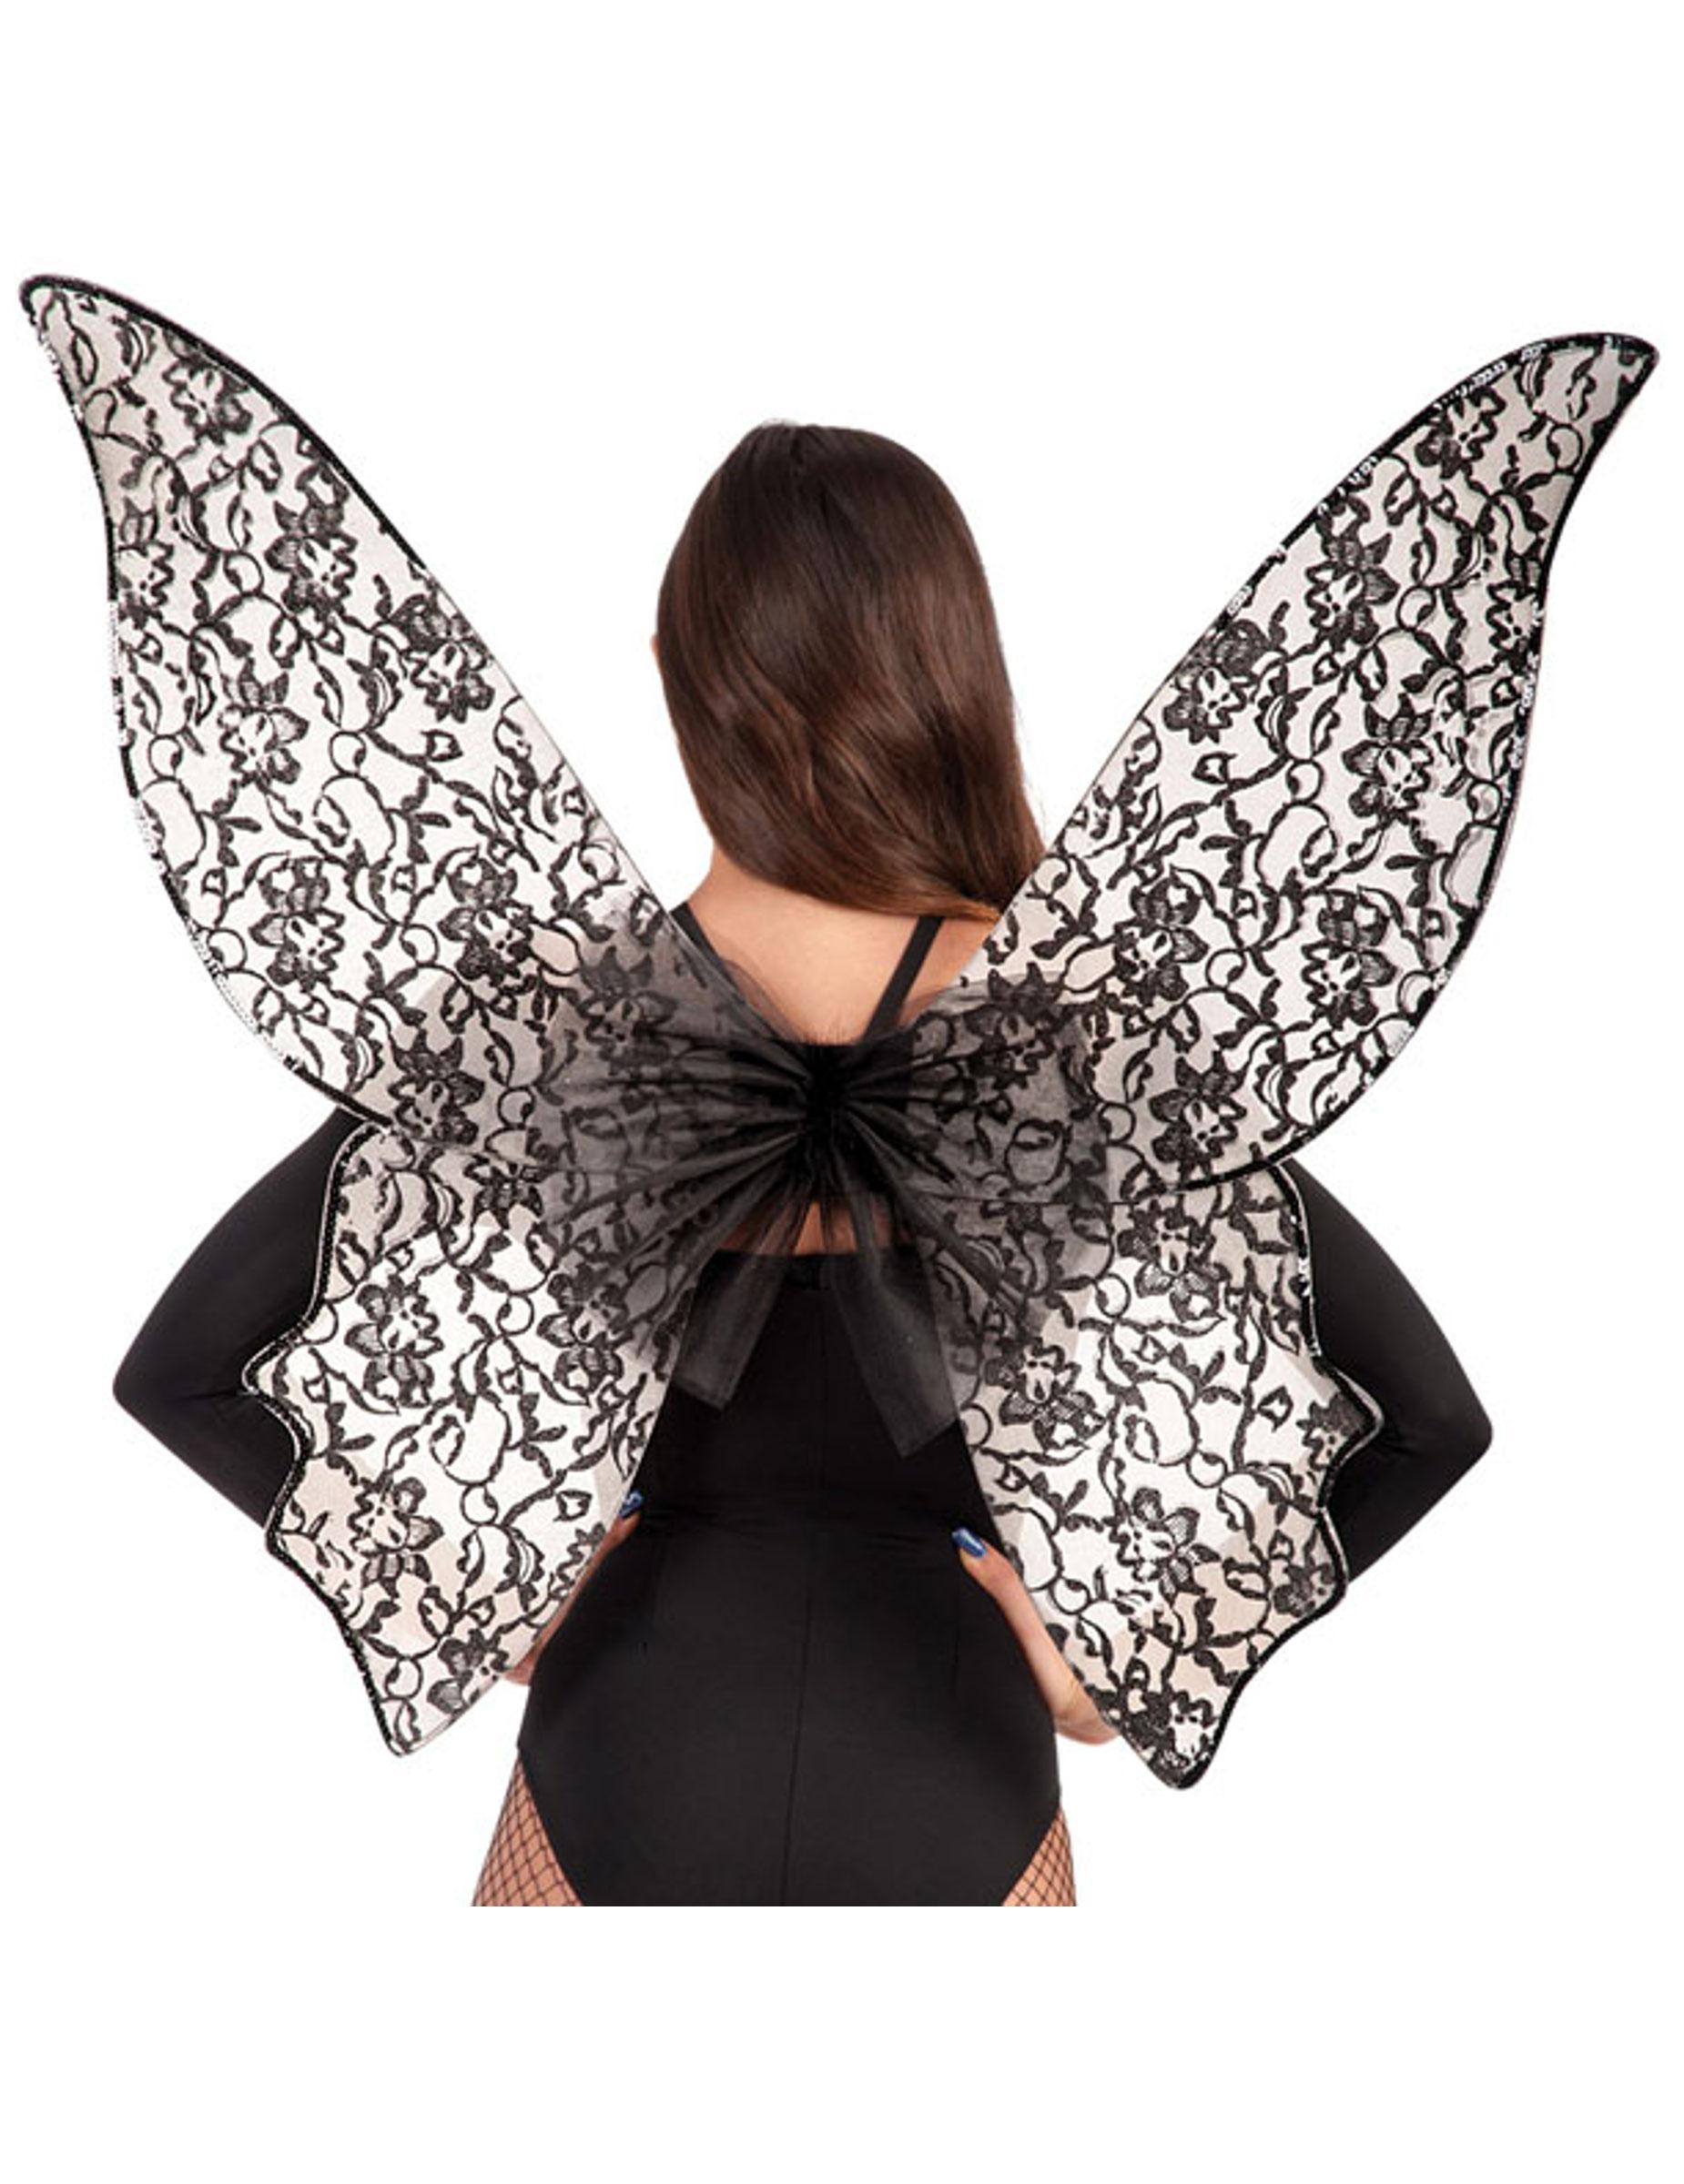 Aile De Papillon grandes ailes papillon noir femme : deguise-toi, achat de accessoires